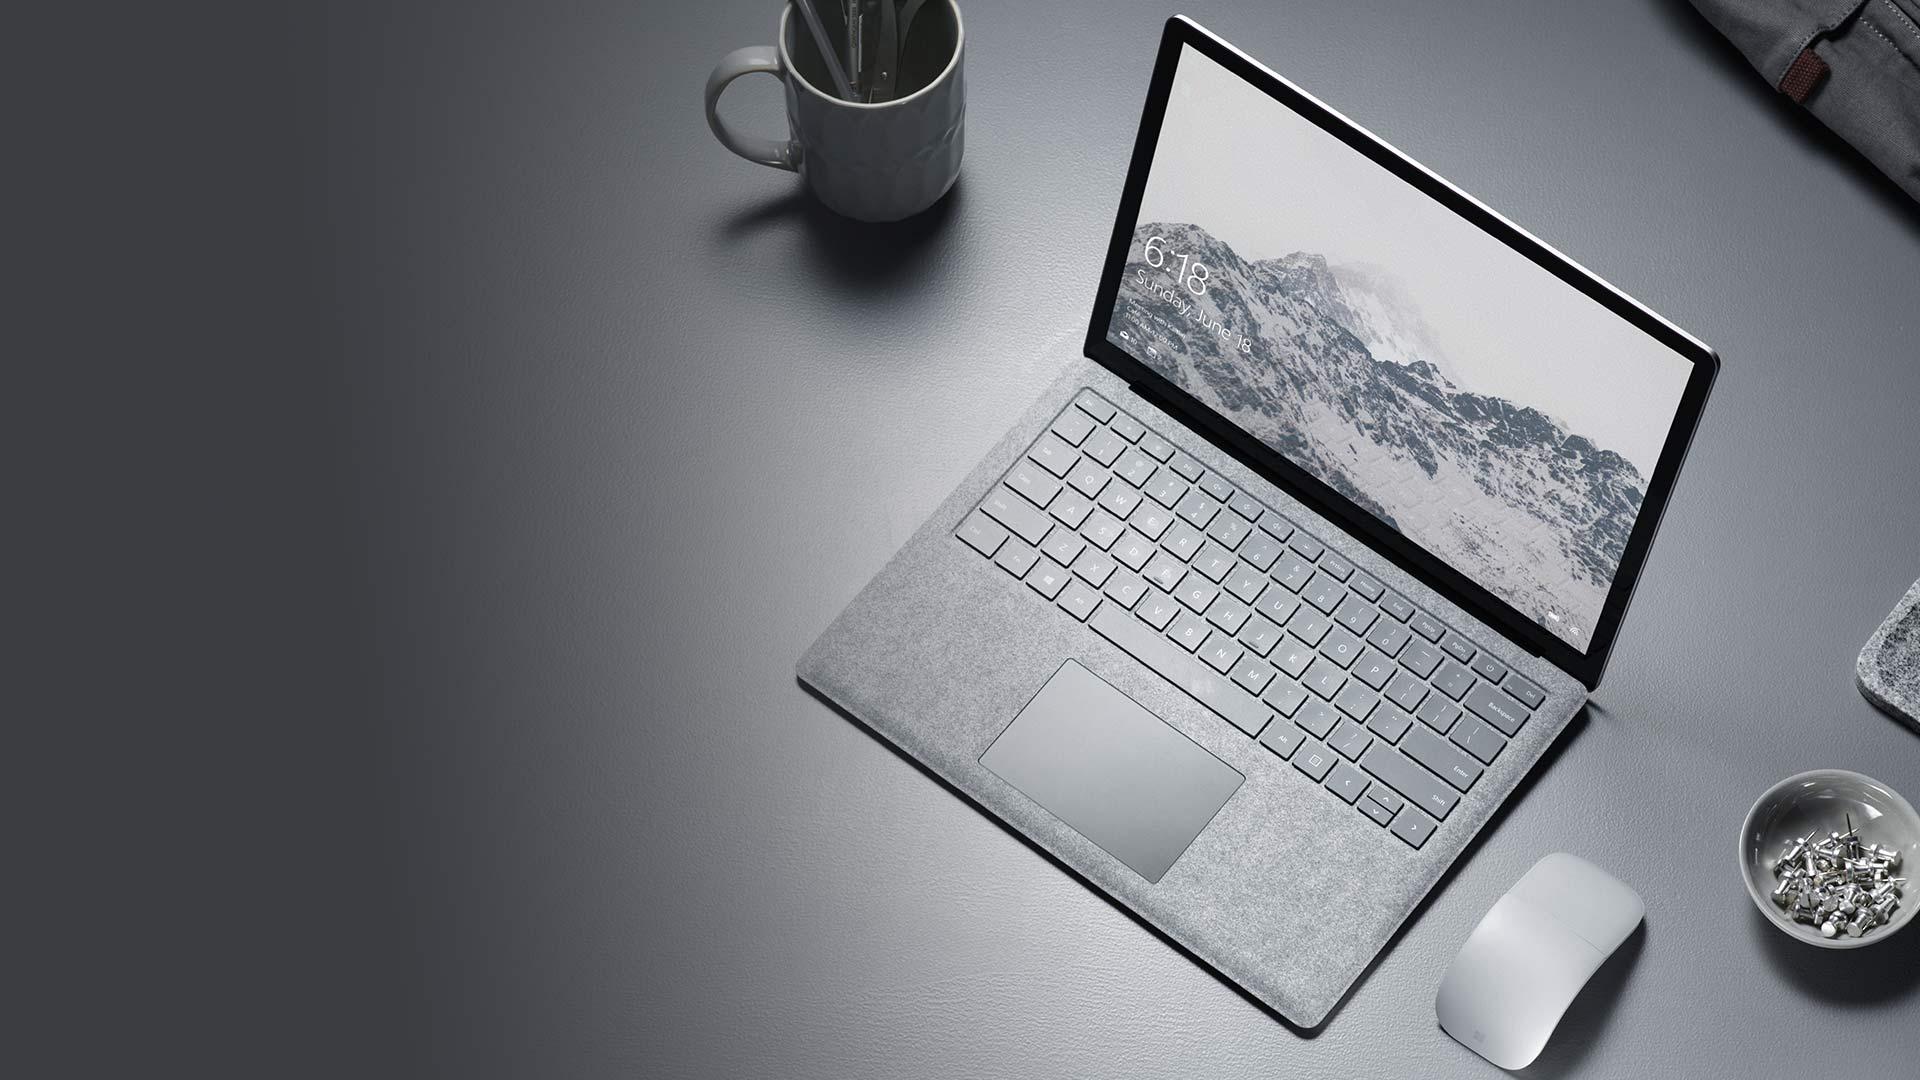 Surface Laptop 放在桌面上